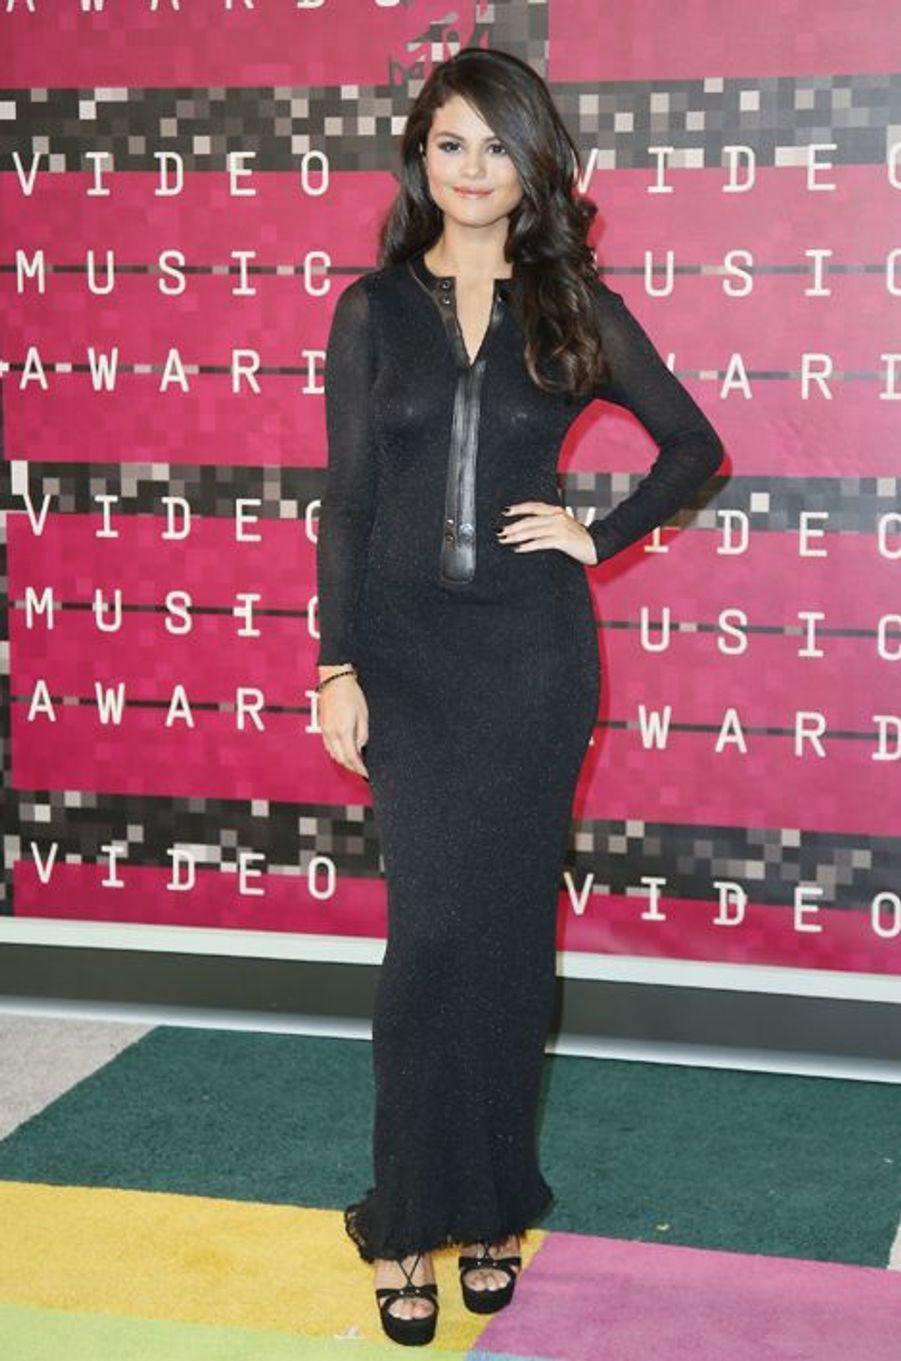 La chanteuse Selena Gomez arrive aux MTV Video Music Awards 2015 dimanche soir.